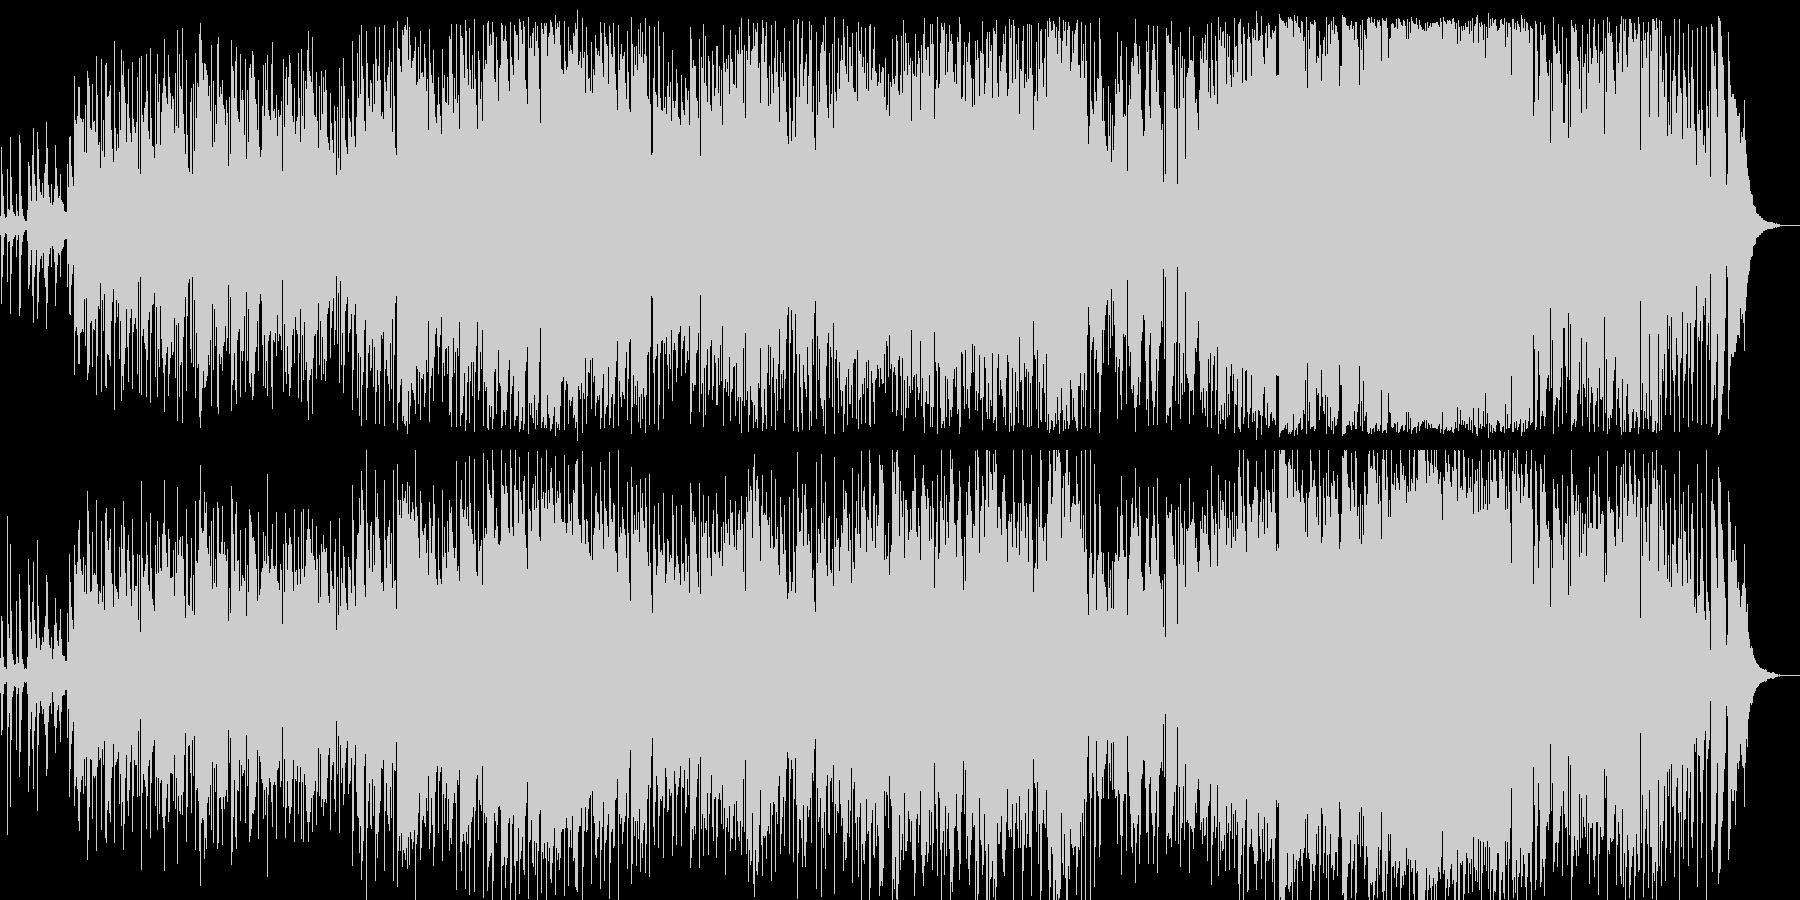 生演奏高音質の切なく感動的なバラードの未再生の波形